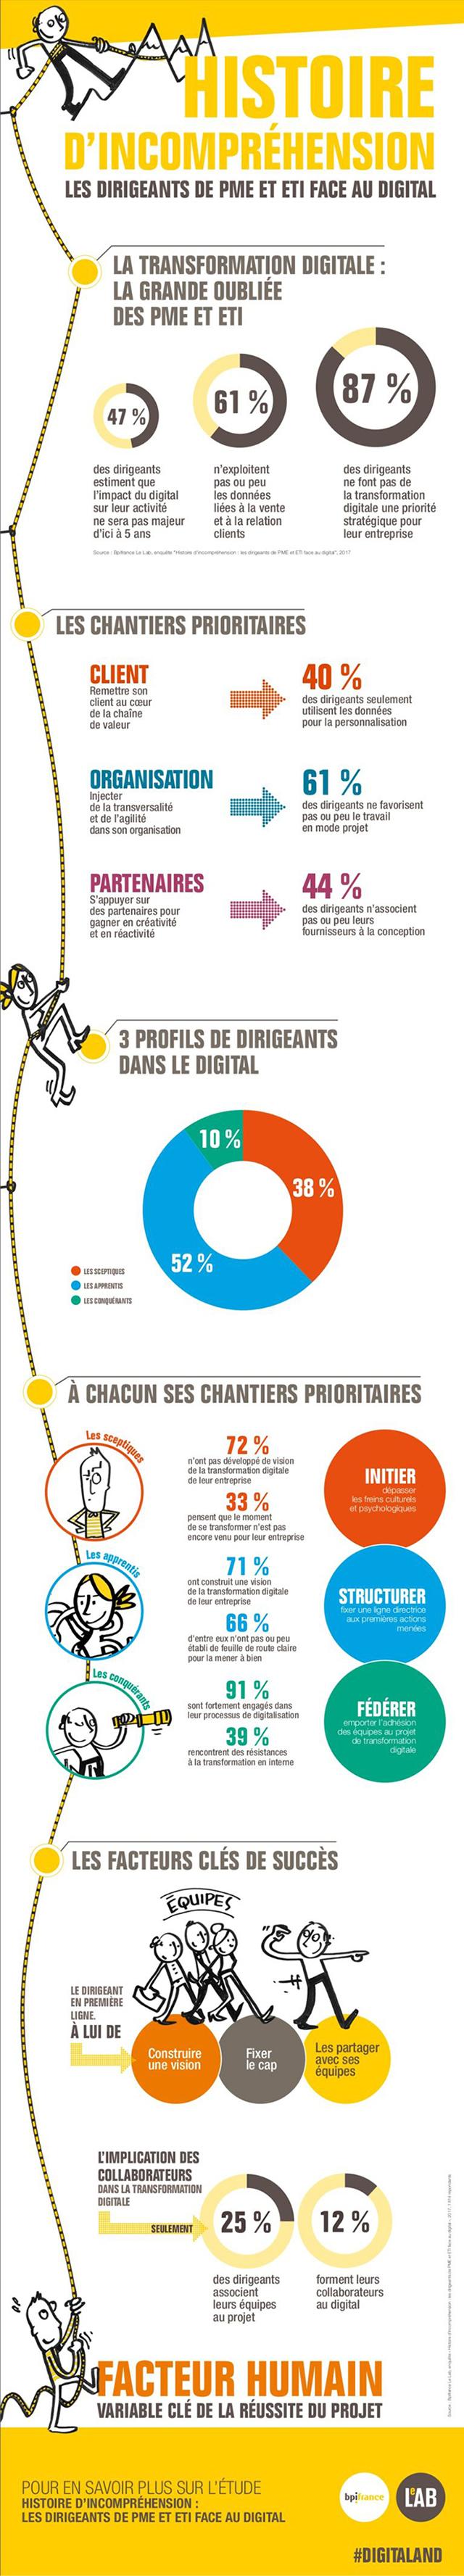 Infographie BPI France sur la transformation digitale dans les PME et les ETI